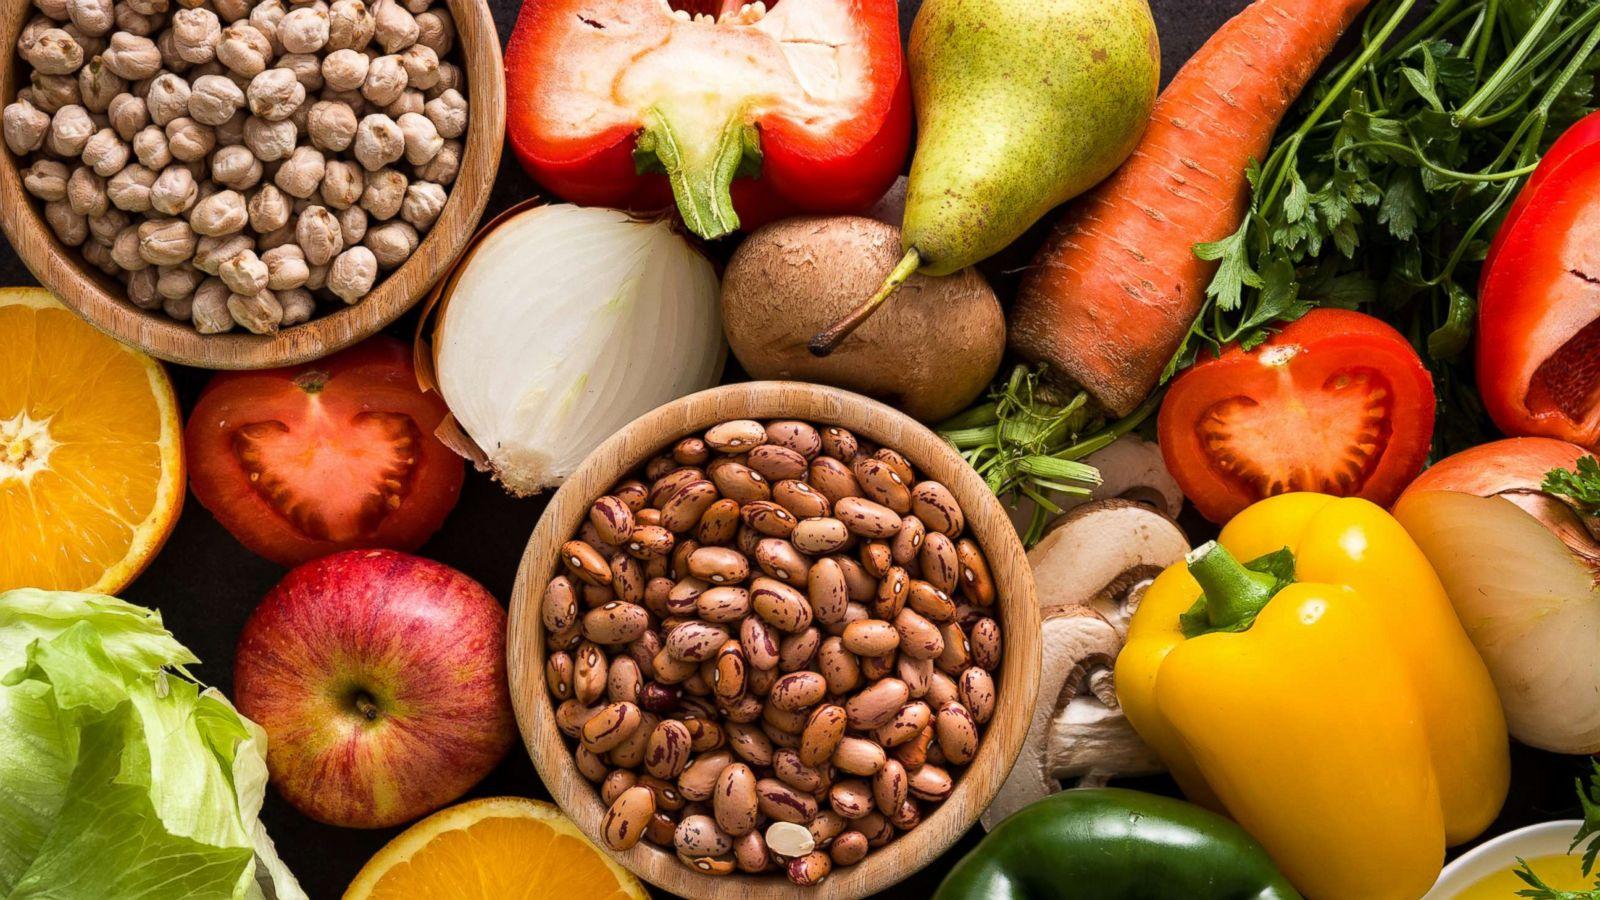 mediterranean-diet-rf-ss-jc-181227_hpMain_16x9t_1600